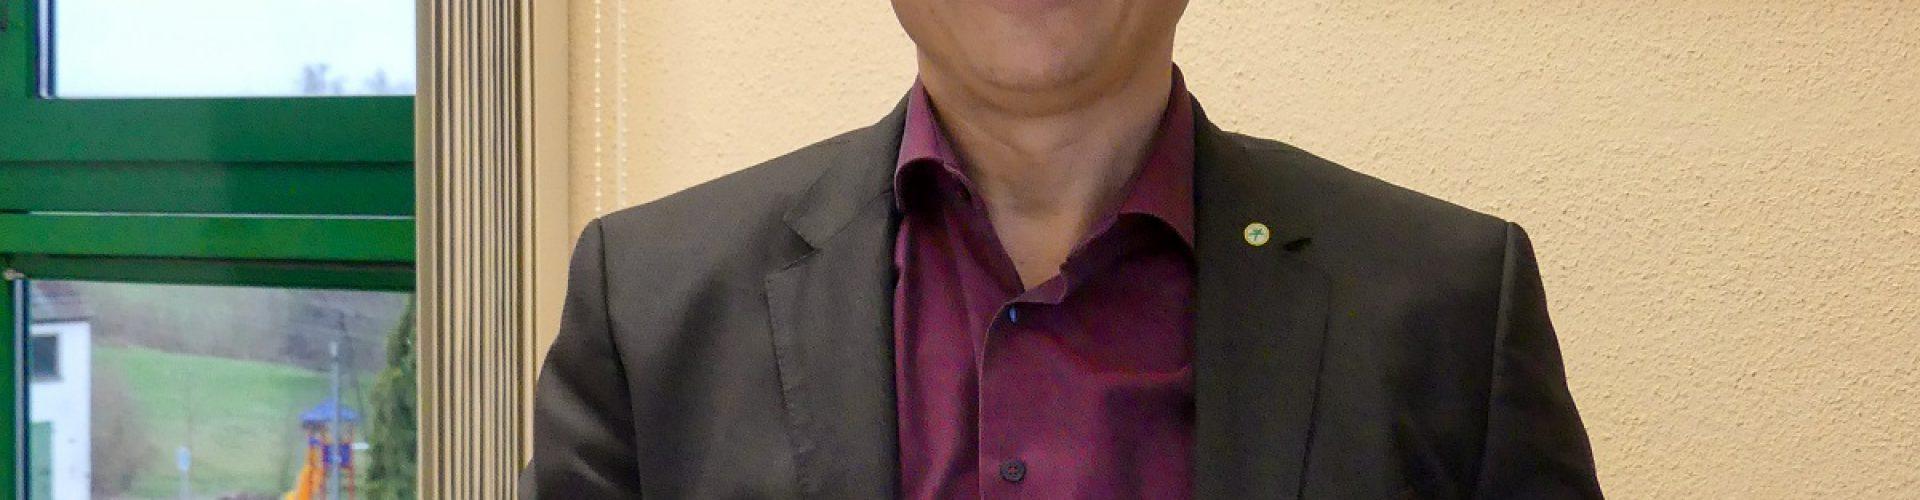 Stephan Lichtenstein, Vereinsvorsitzender WAMM e.V. und Geschäftsführer Leitermann GmbH & Co. Fachmarkt KG